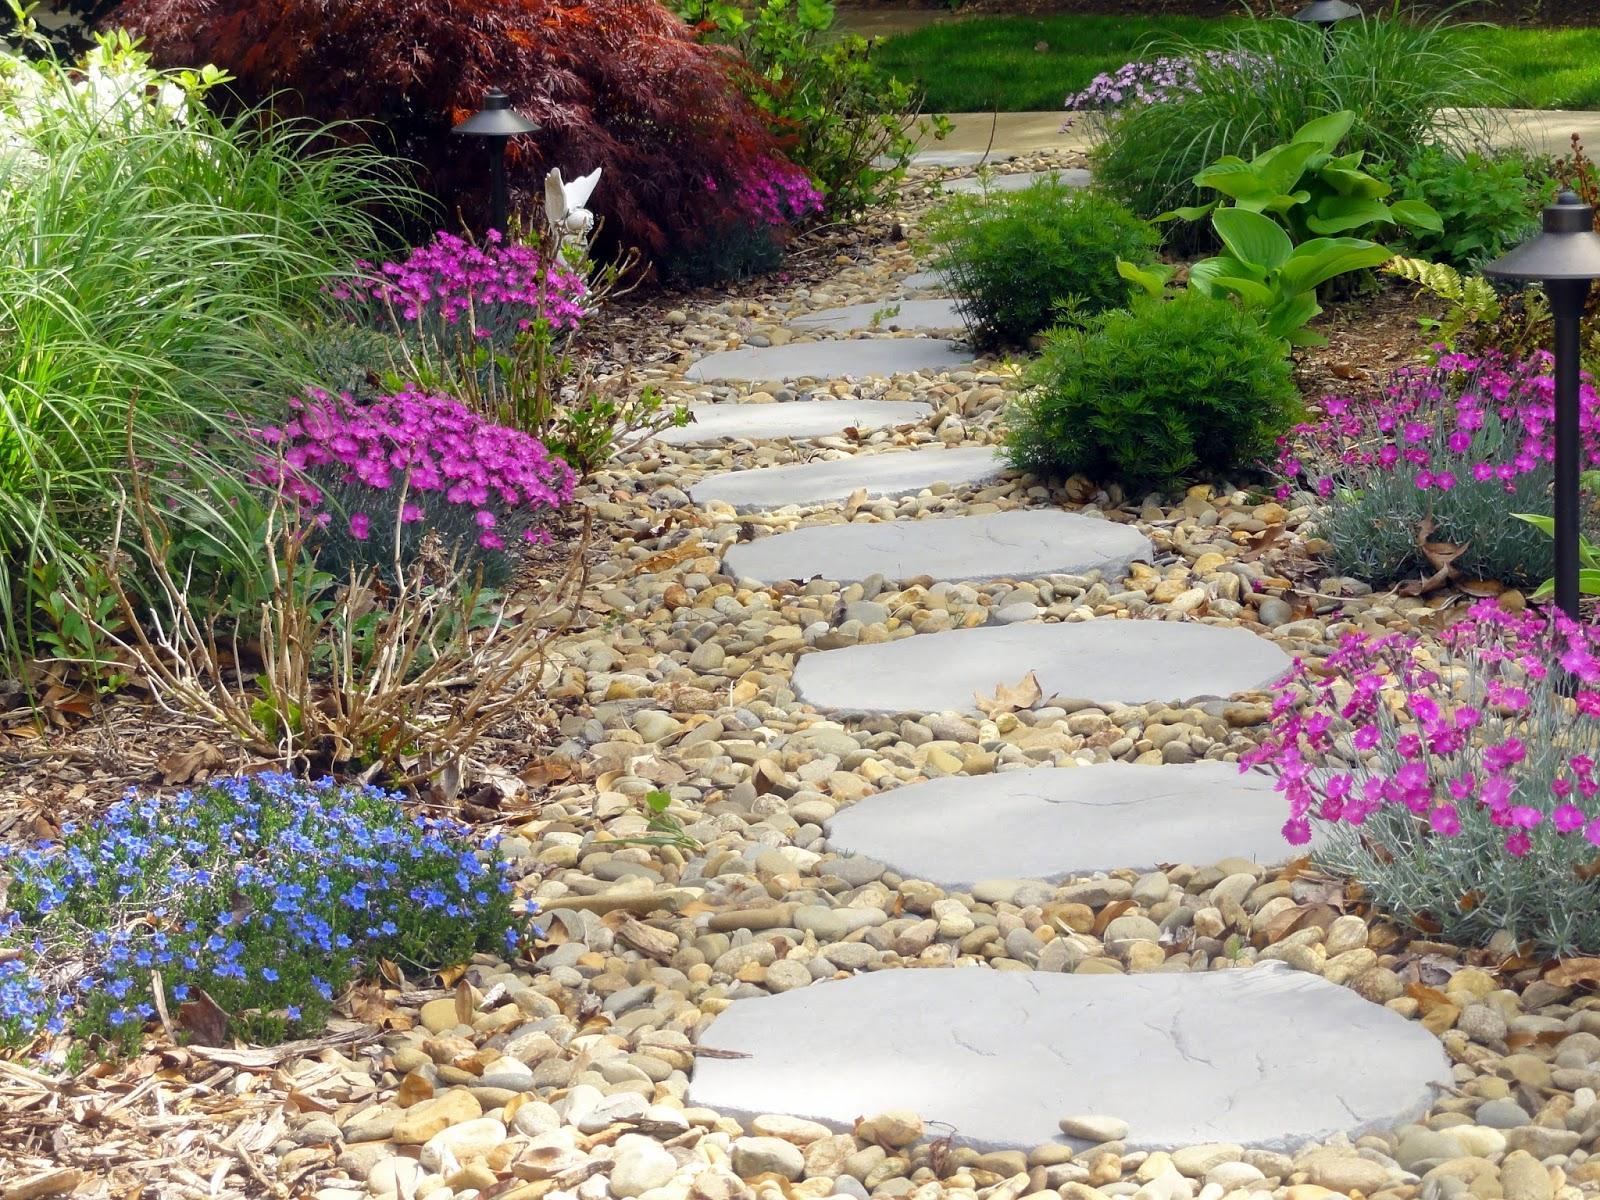 Záhrada,ktorá ťa nikdy neomrzí...divoká a krásna - Obrázok č. 41